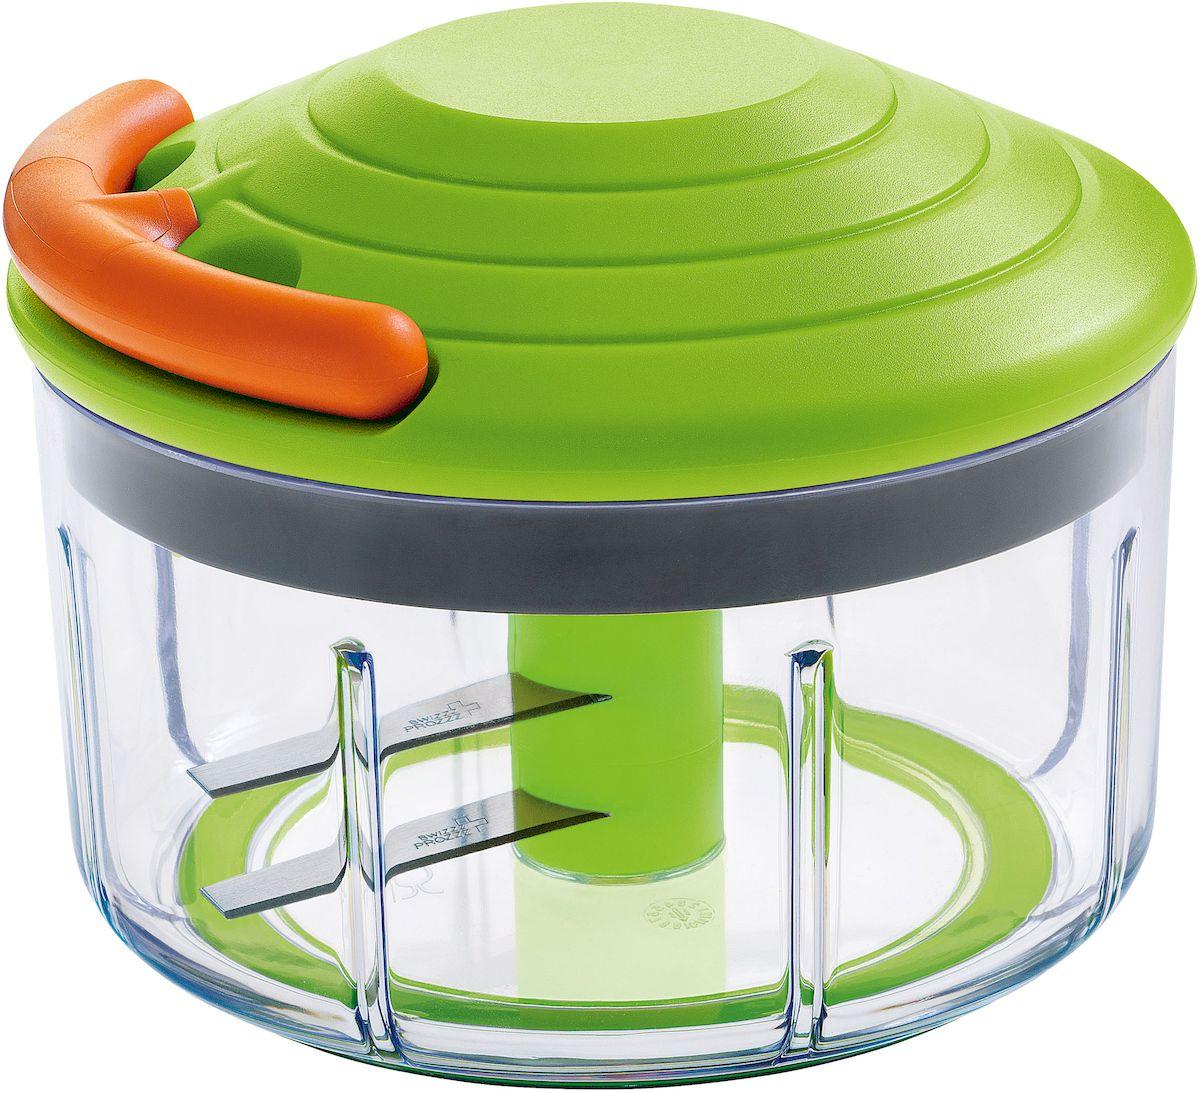 Измельчитель-чоппер Moha Speedy, цвет: зеленый, оранжевый, 0,6 л15007Измельчитель-чоппер Moha Speedy выполнен из экологически чистого пластика. Нож - изнержавеющей стали. Удобная эргономичная рабочая ручка поможет без труда и усилийизмельчить любые овощи. Практичный поворотный механизм создан специально для получениямелких кубиков. Идеален для резки лука, зелени и других овощей. Можно использовать дляприготовления соусов.